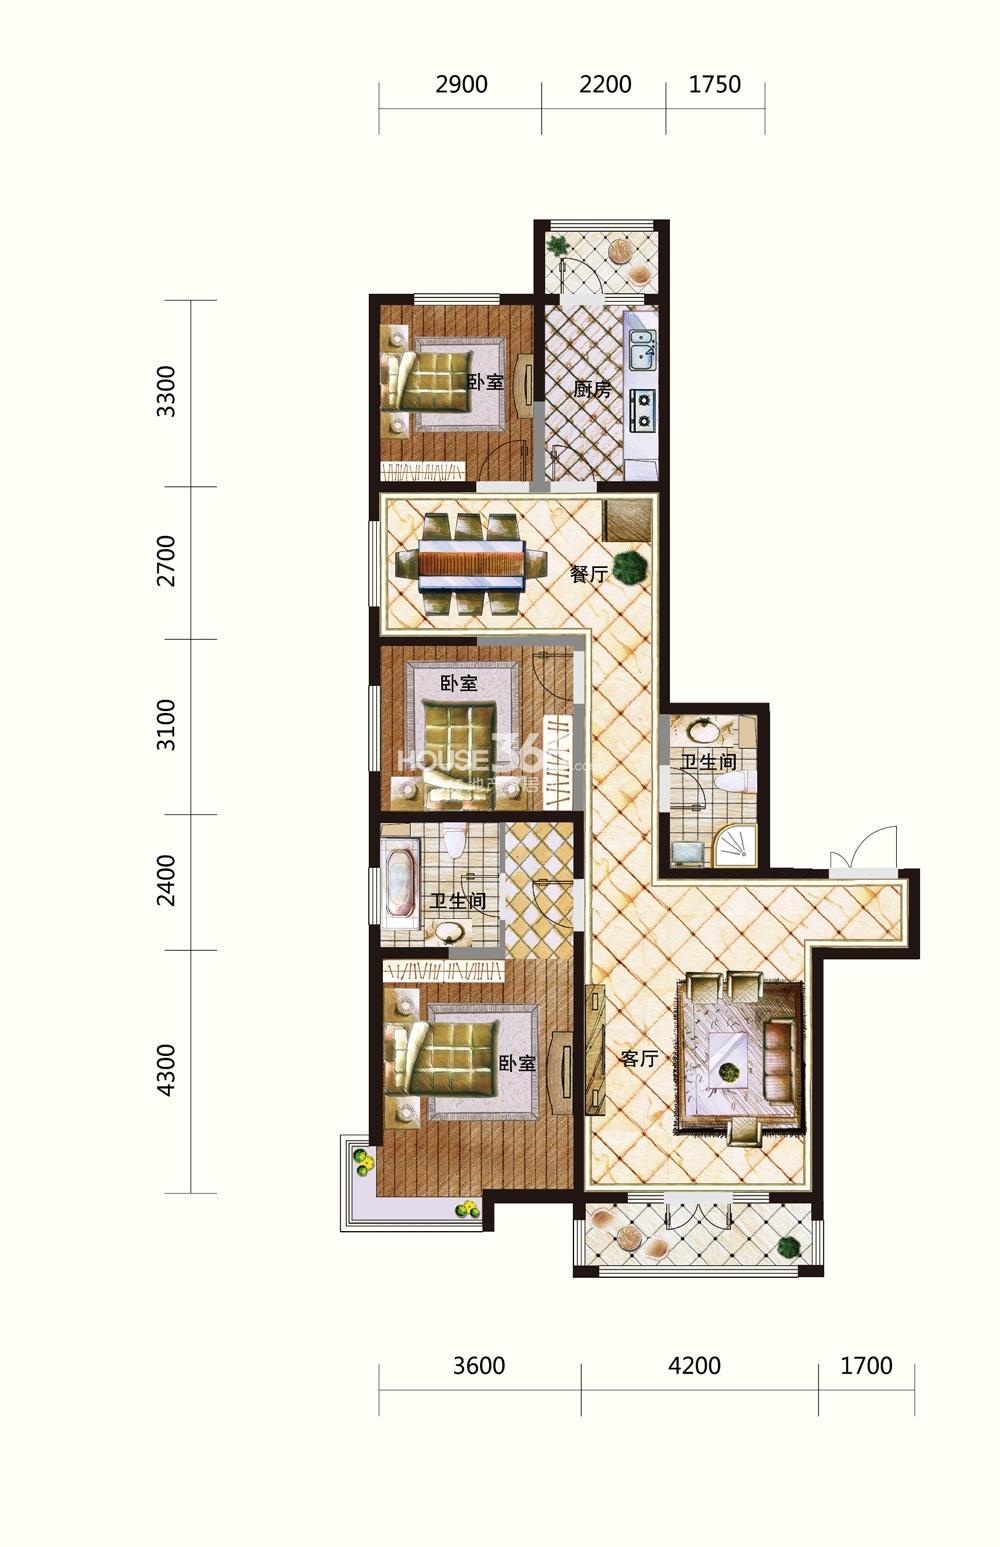 五矿紫晶御府三室两厅两卫148平米户型